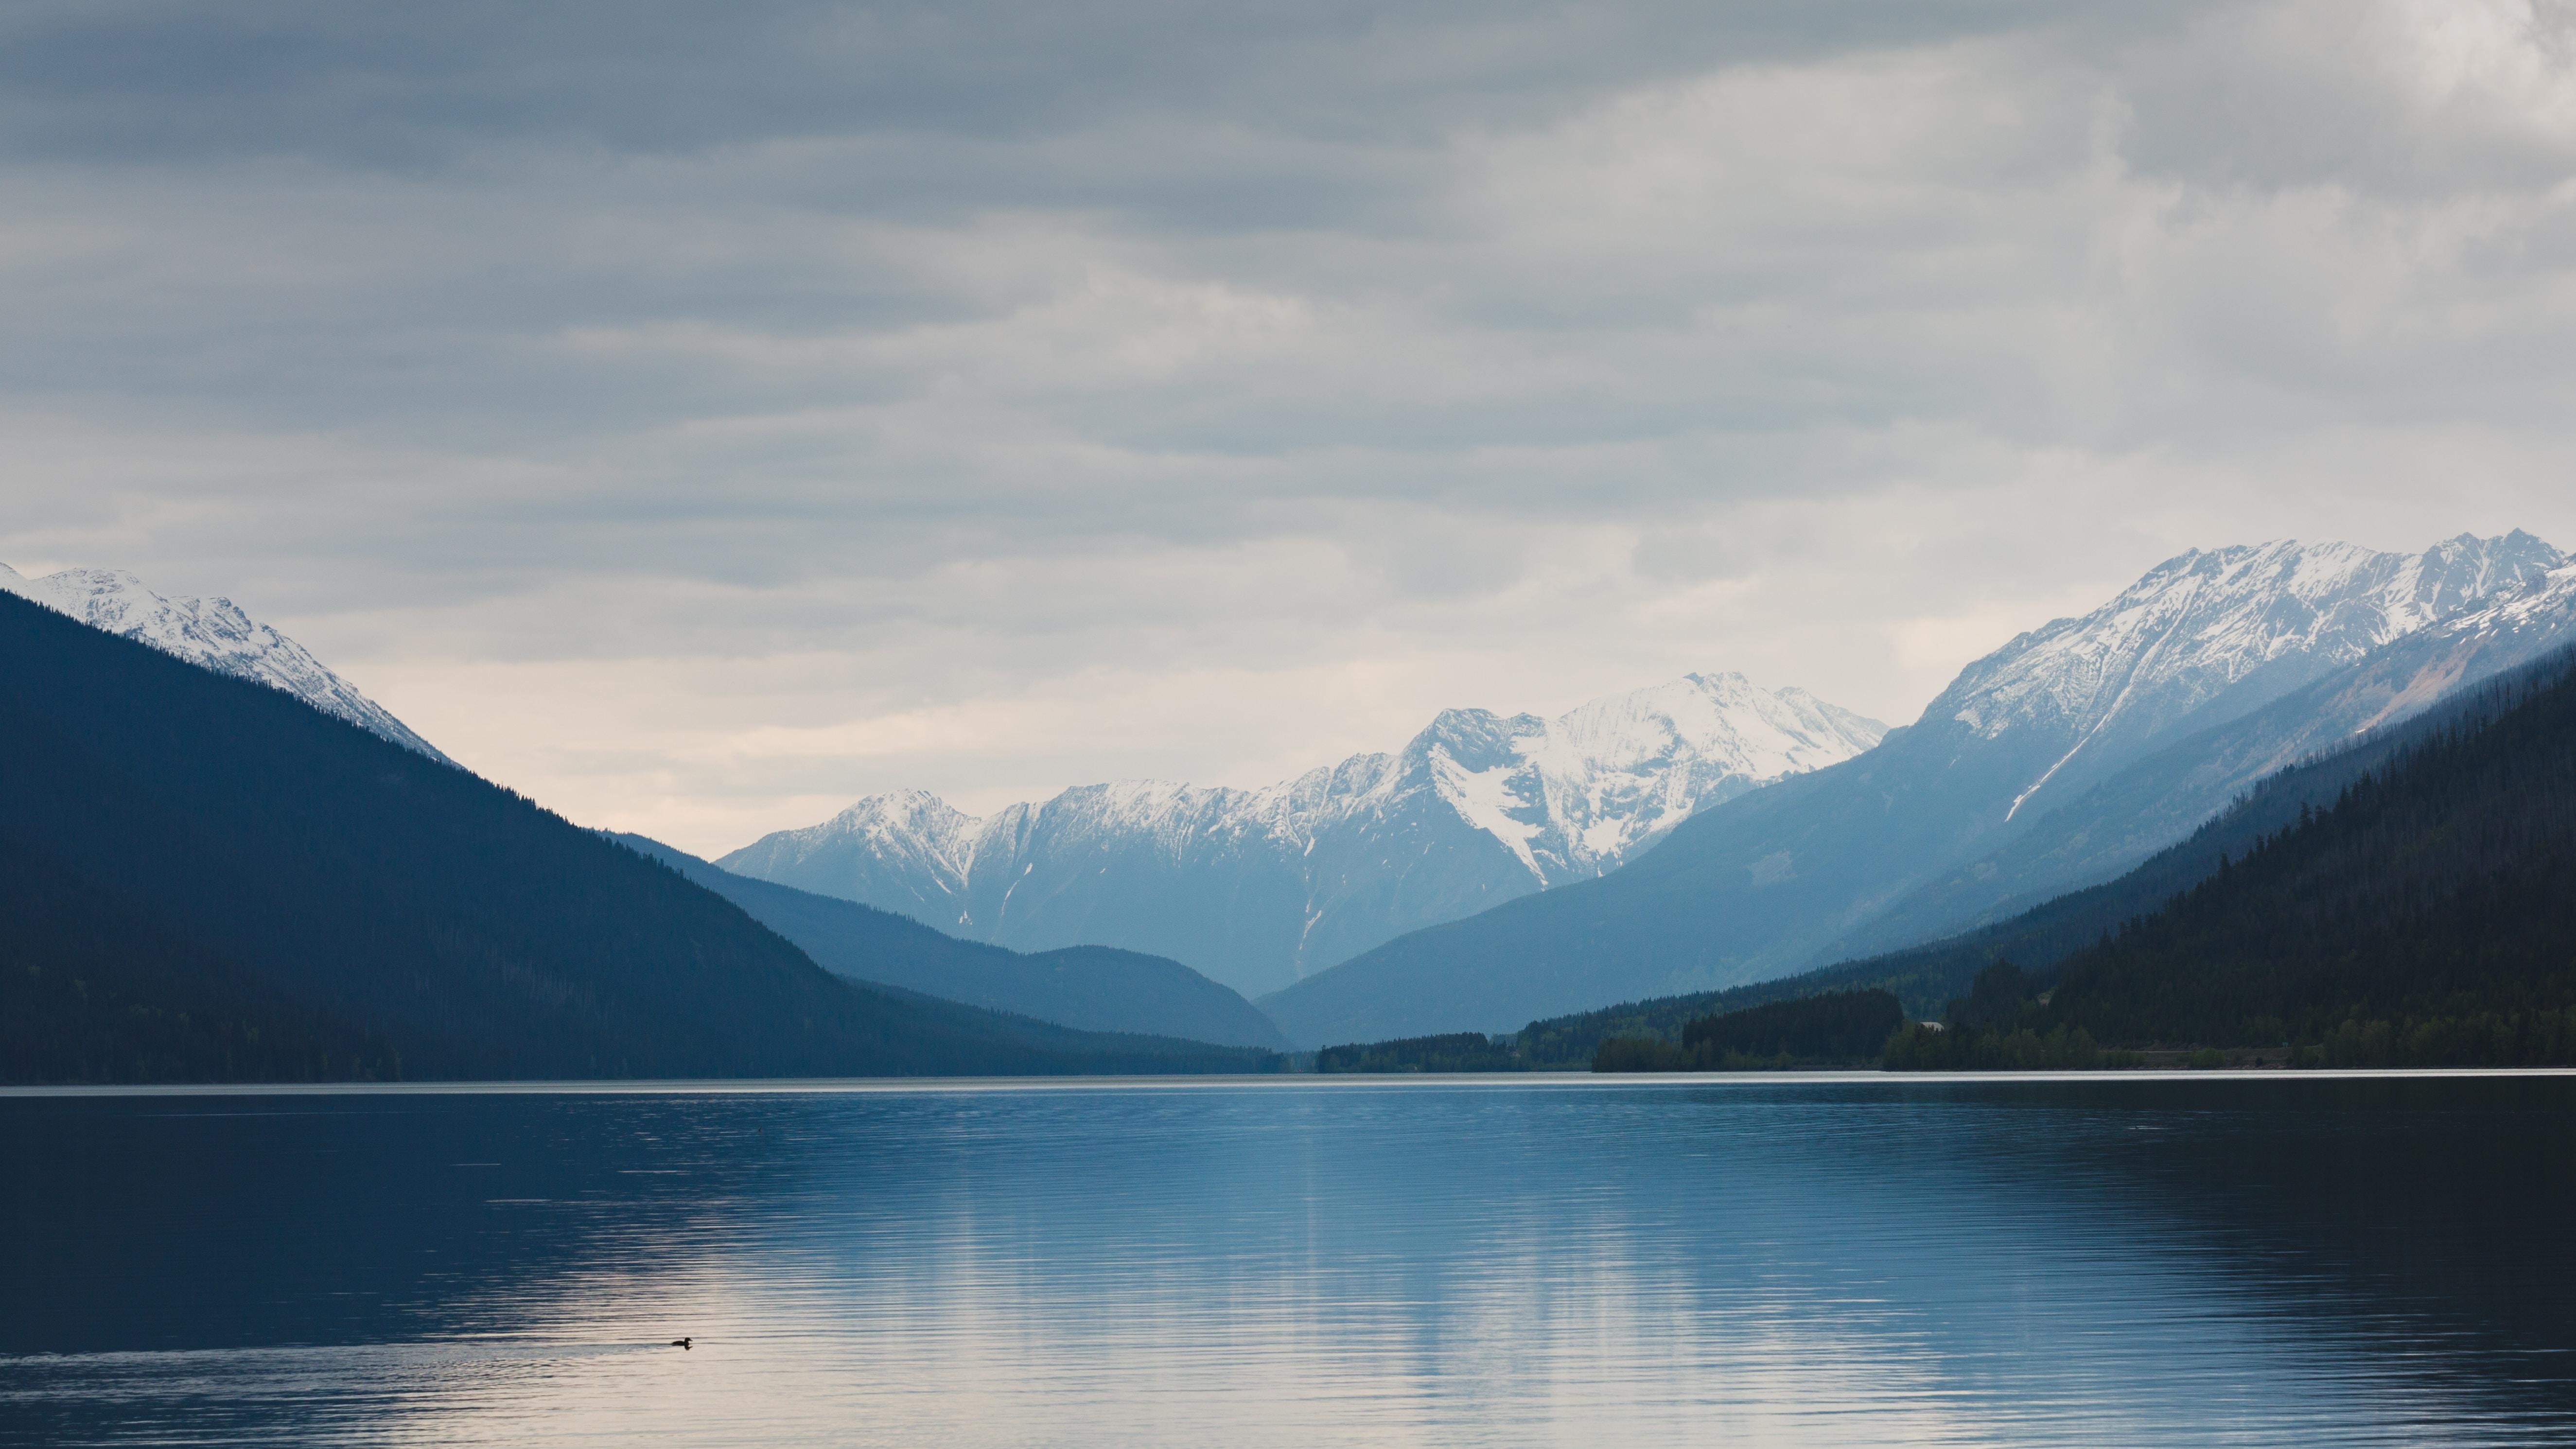 landscape photography of horizon